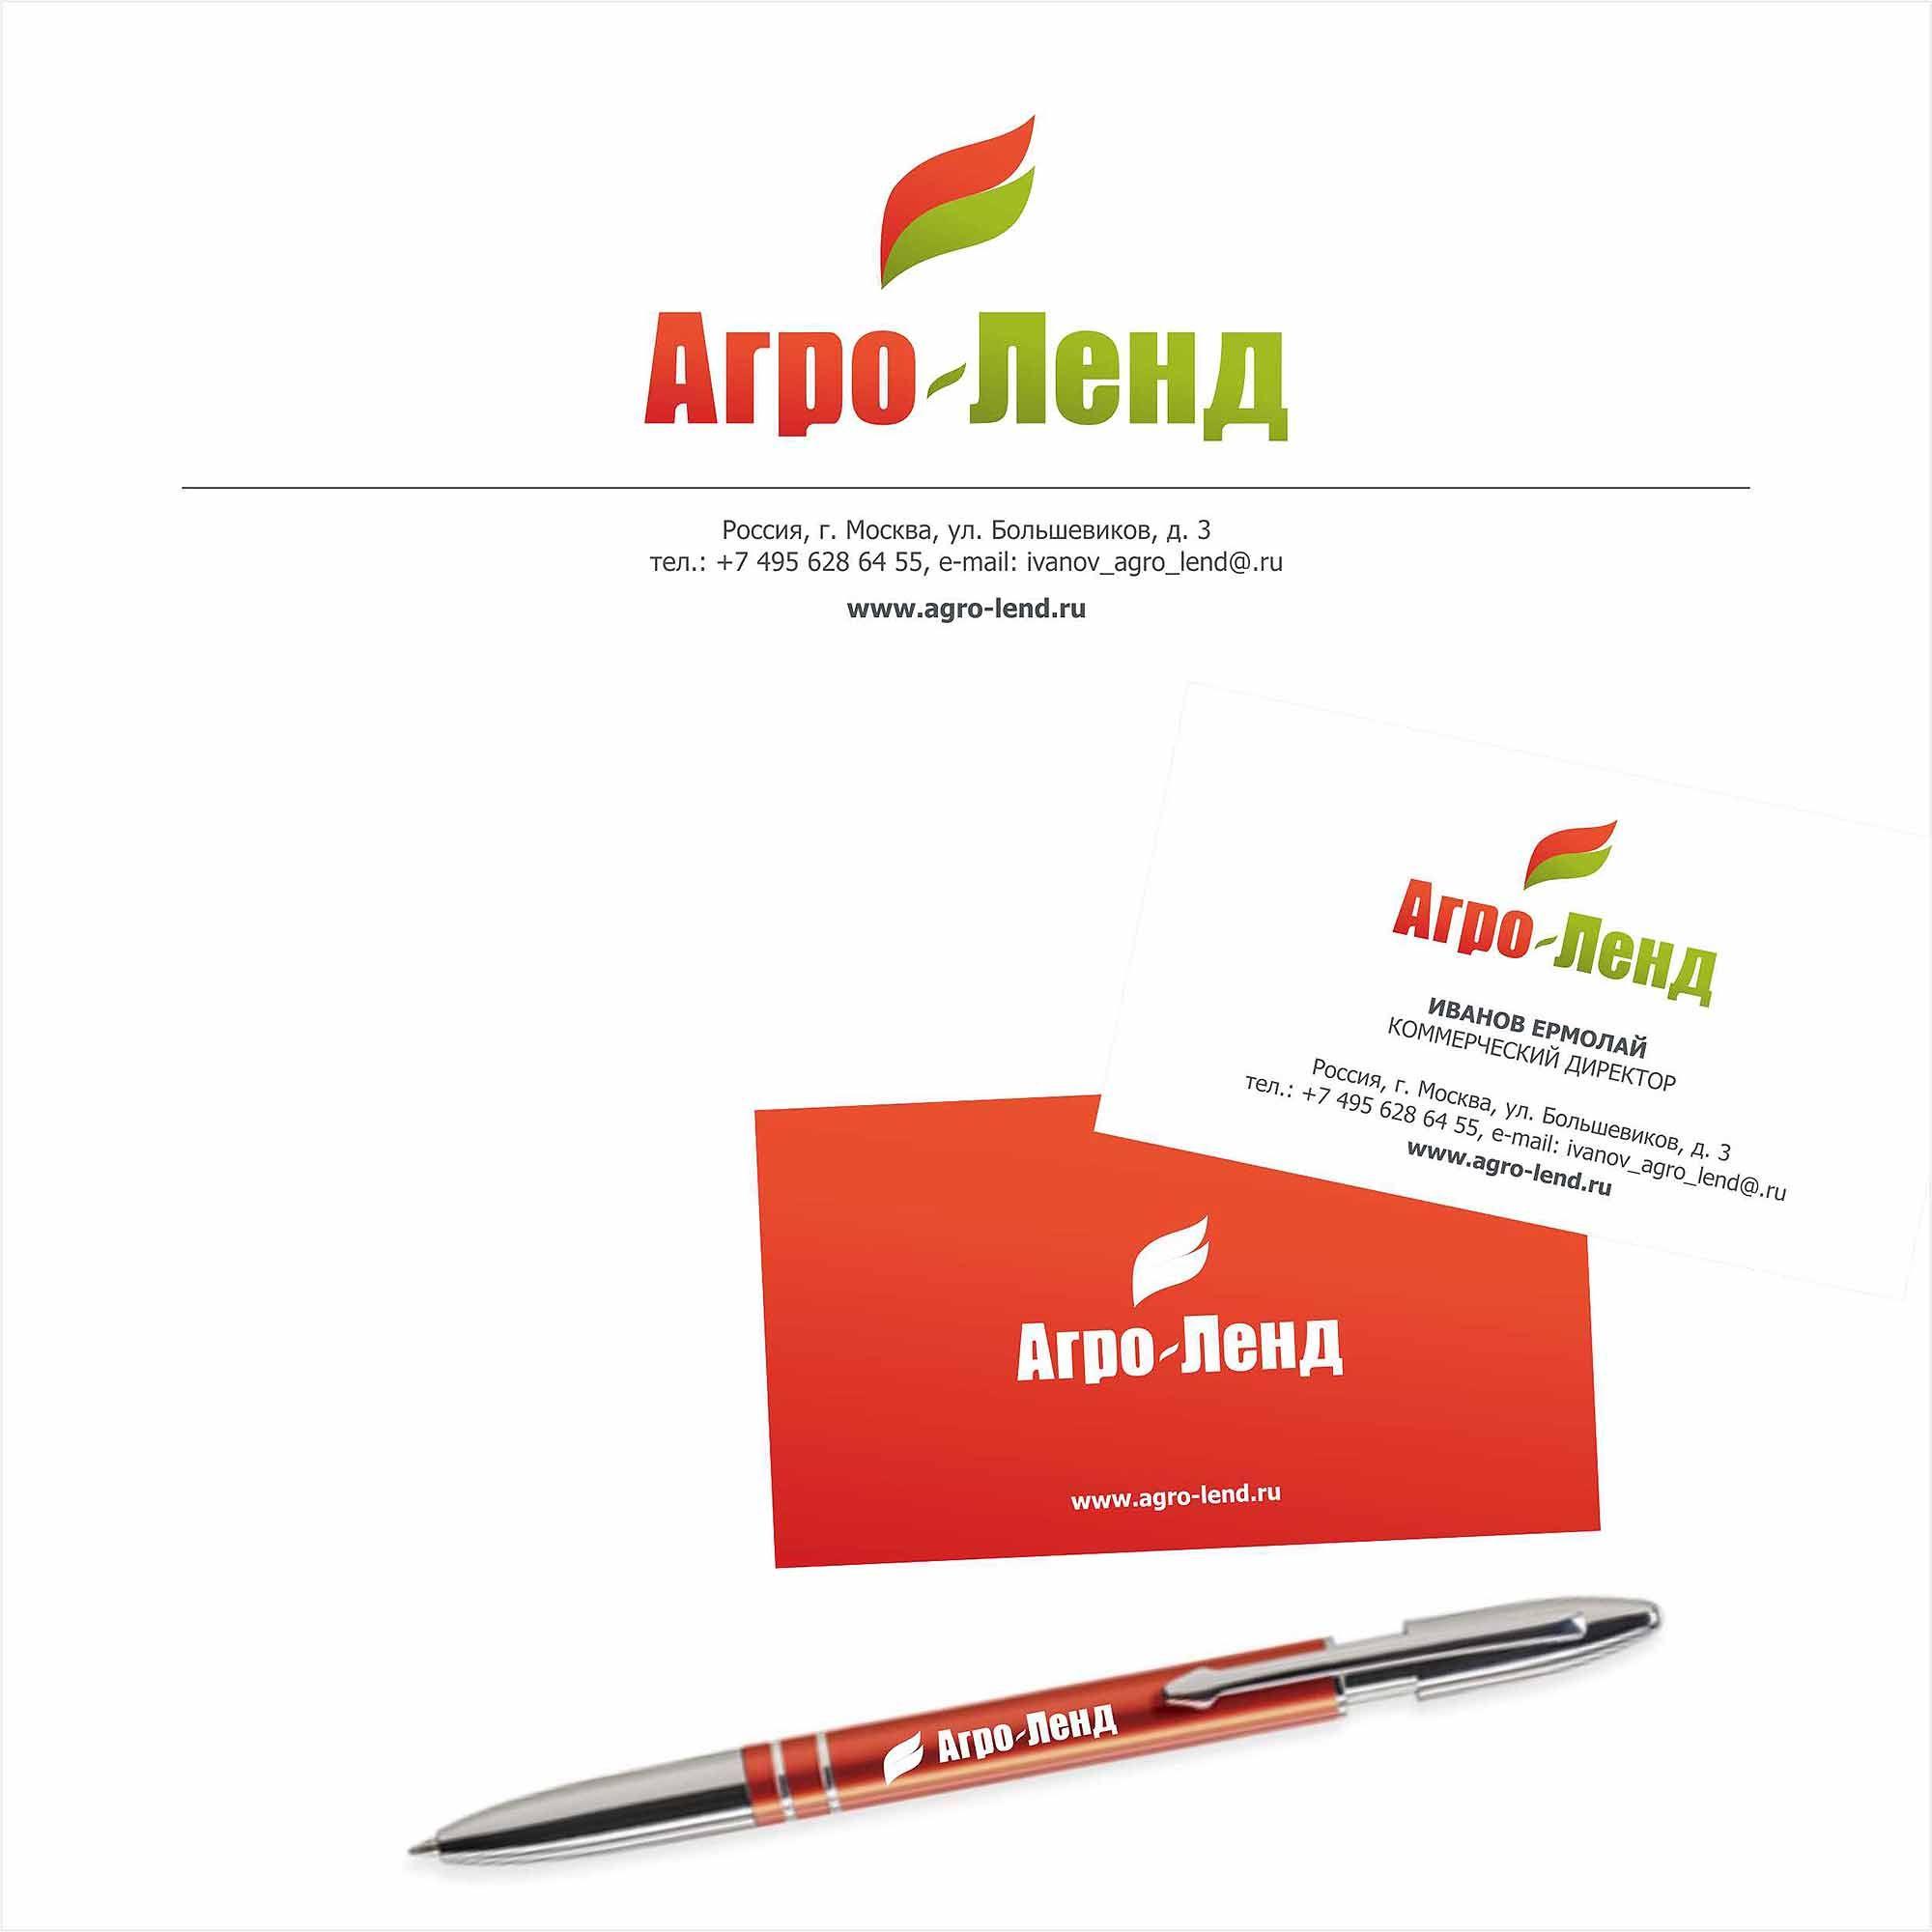 Логотип и фирменный стиль маслозавода. - дизайнер vena2013